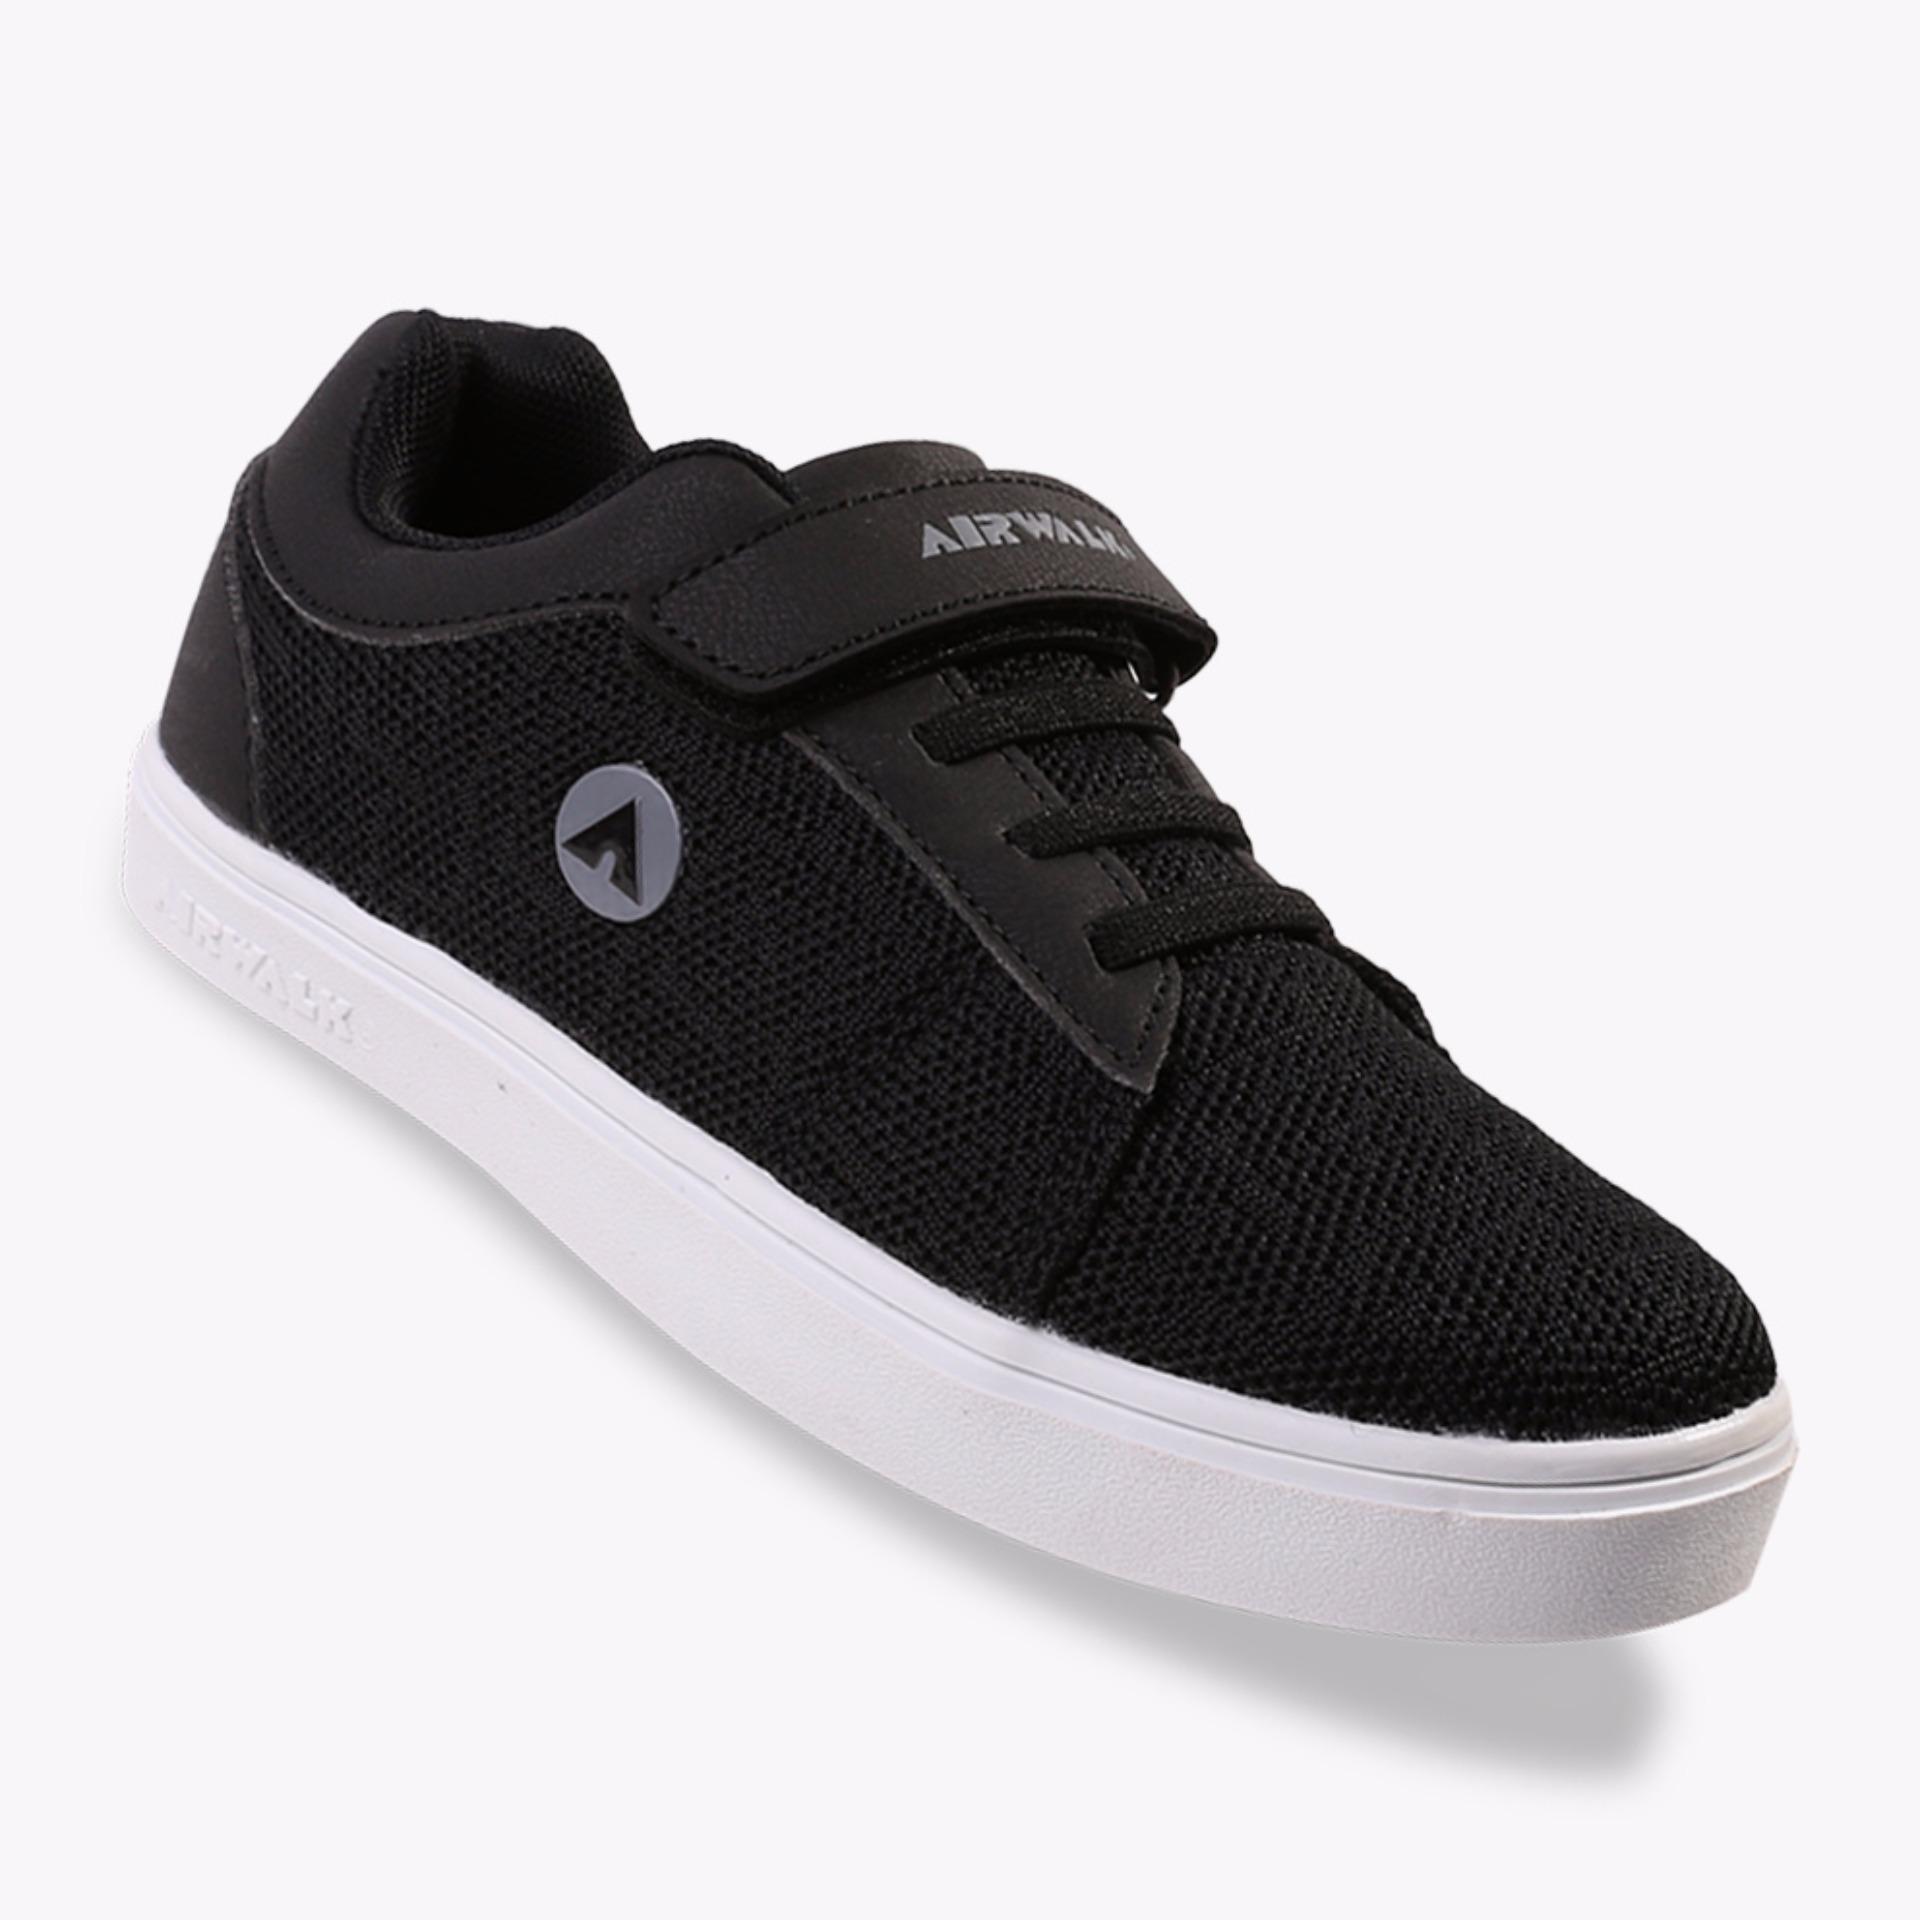 Airwalk Jordy Boys Sneakers Shoes - Hitam